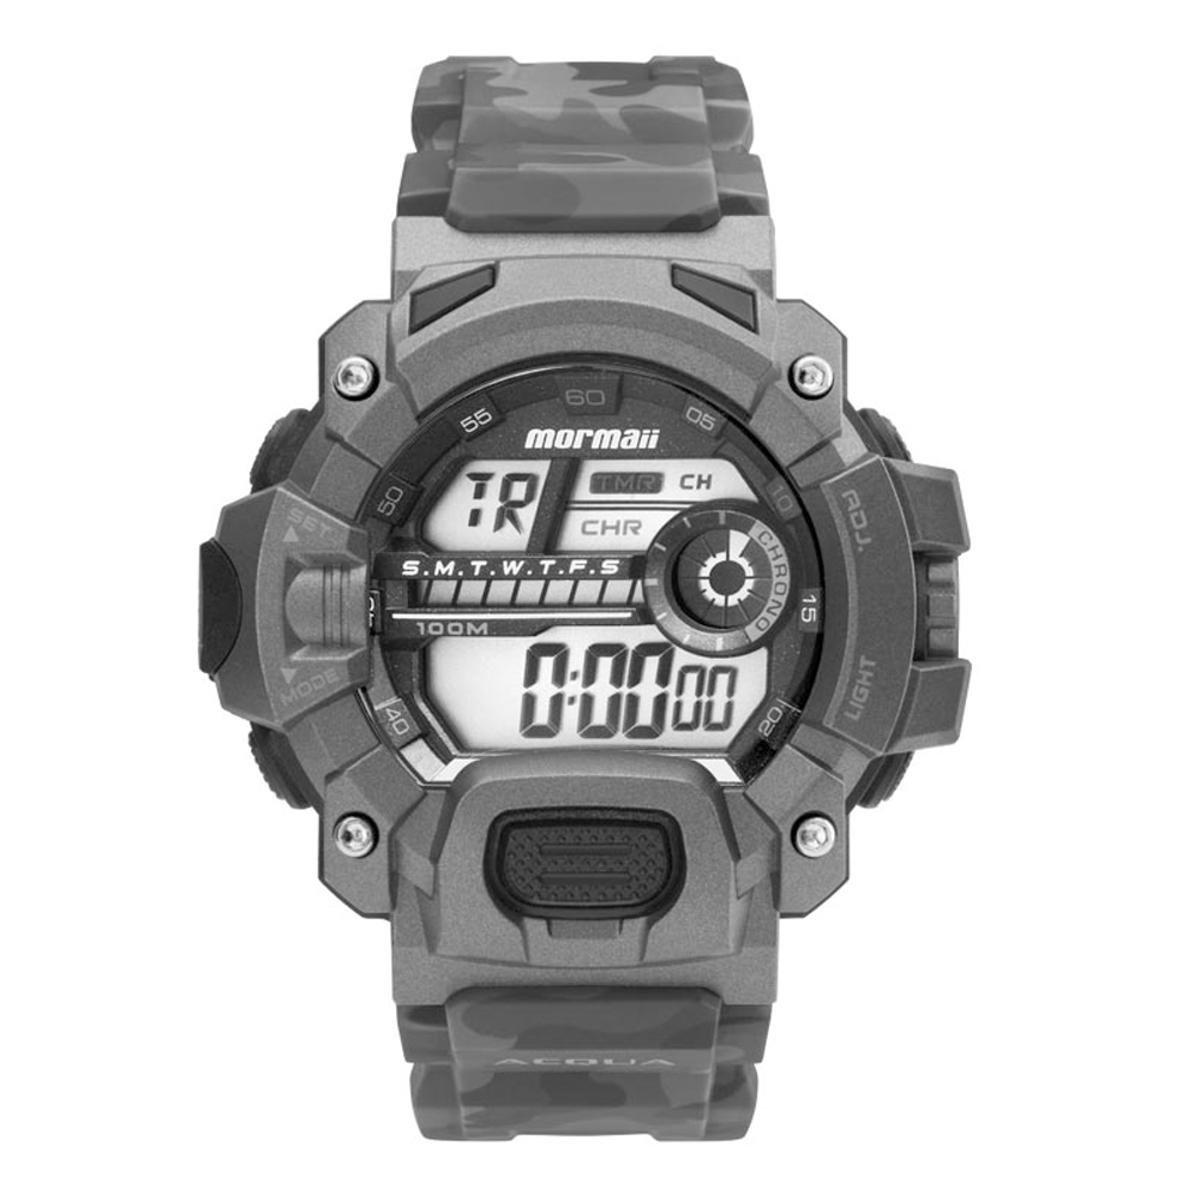 0d7a34d8ec458 Relógio Mormaii Action MO1132AE 8C - Cinza - Compre Agora